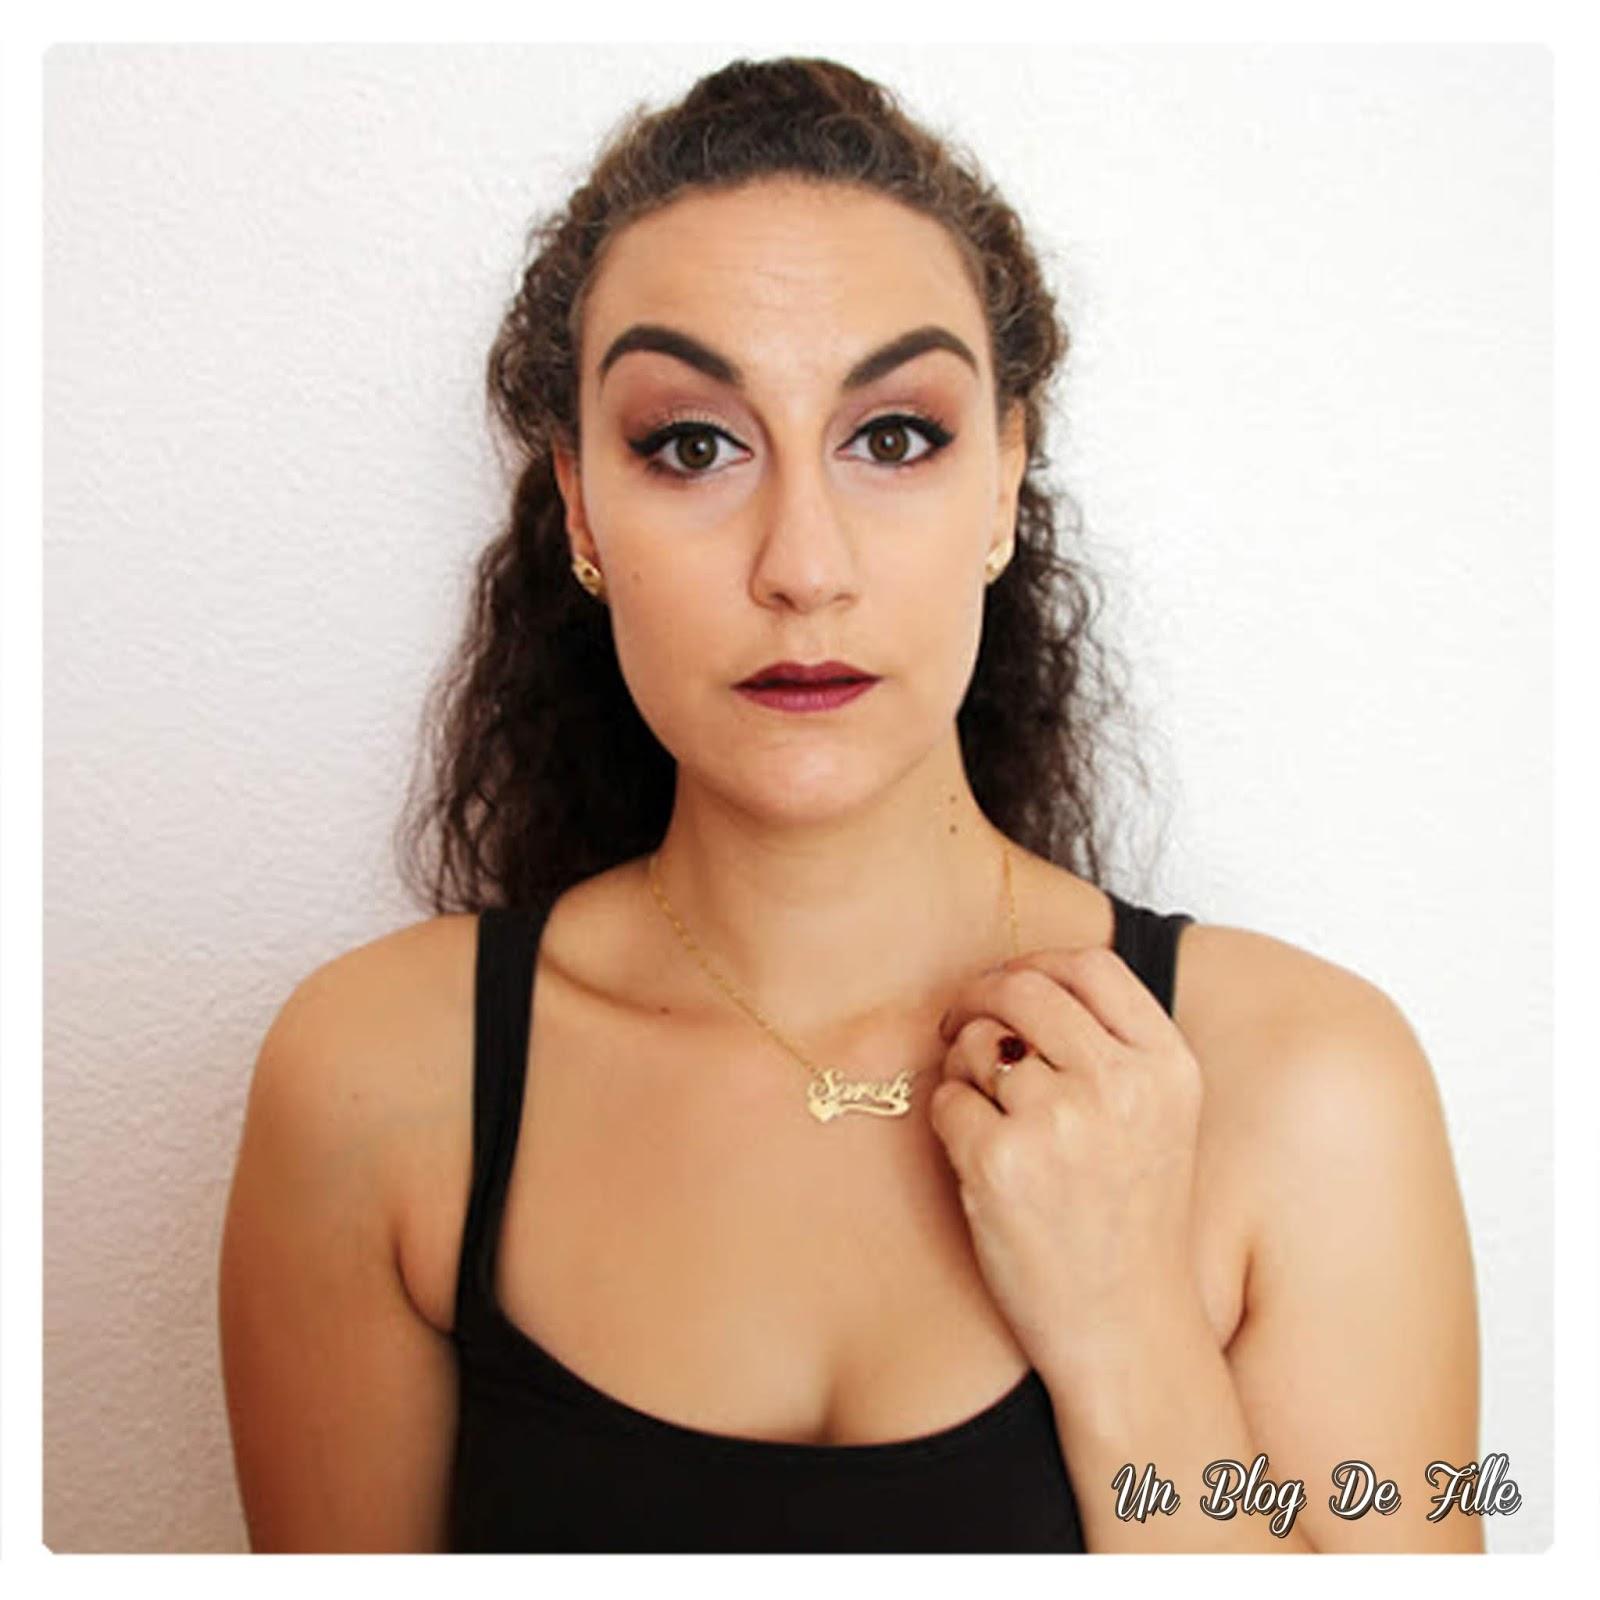 http://www.unblogdefille.fr/2018/11/maquillage-blanc-et-pourpre-ideal-pour.html